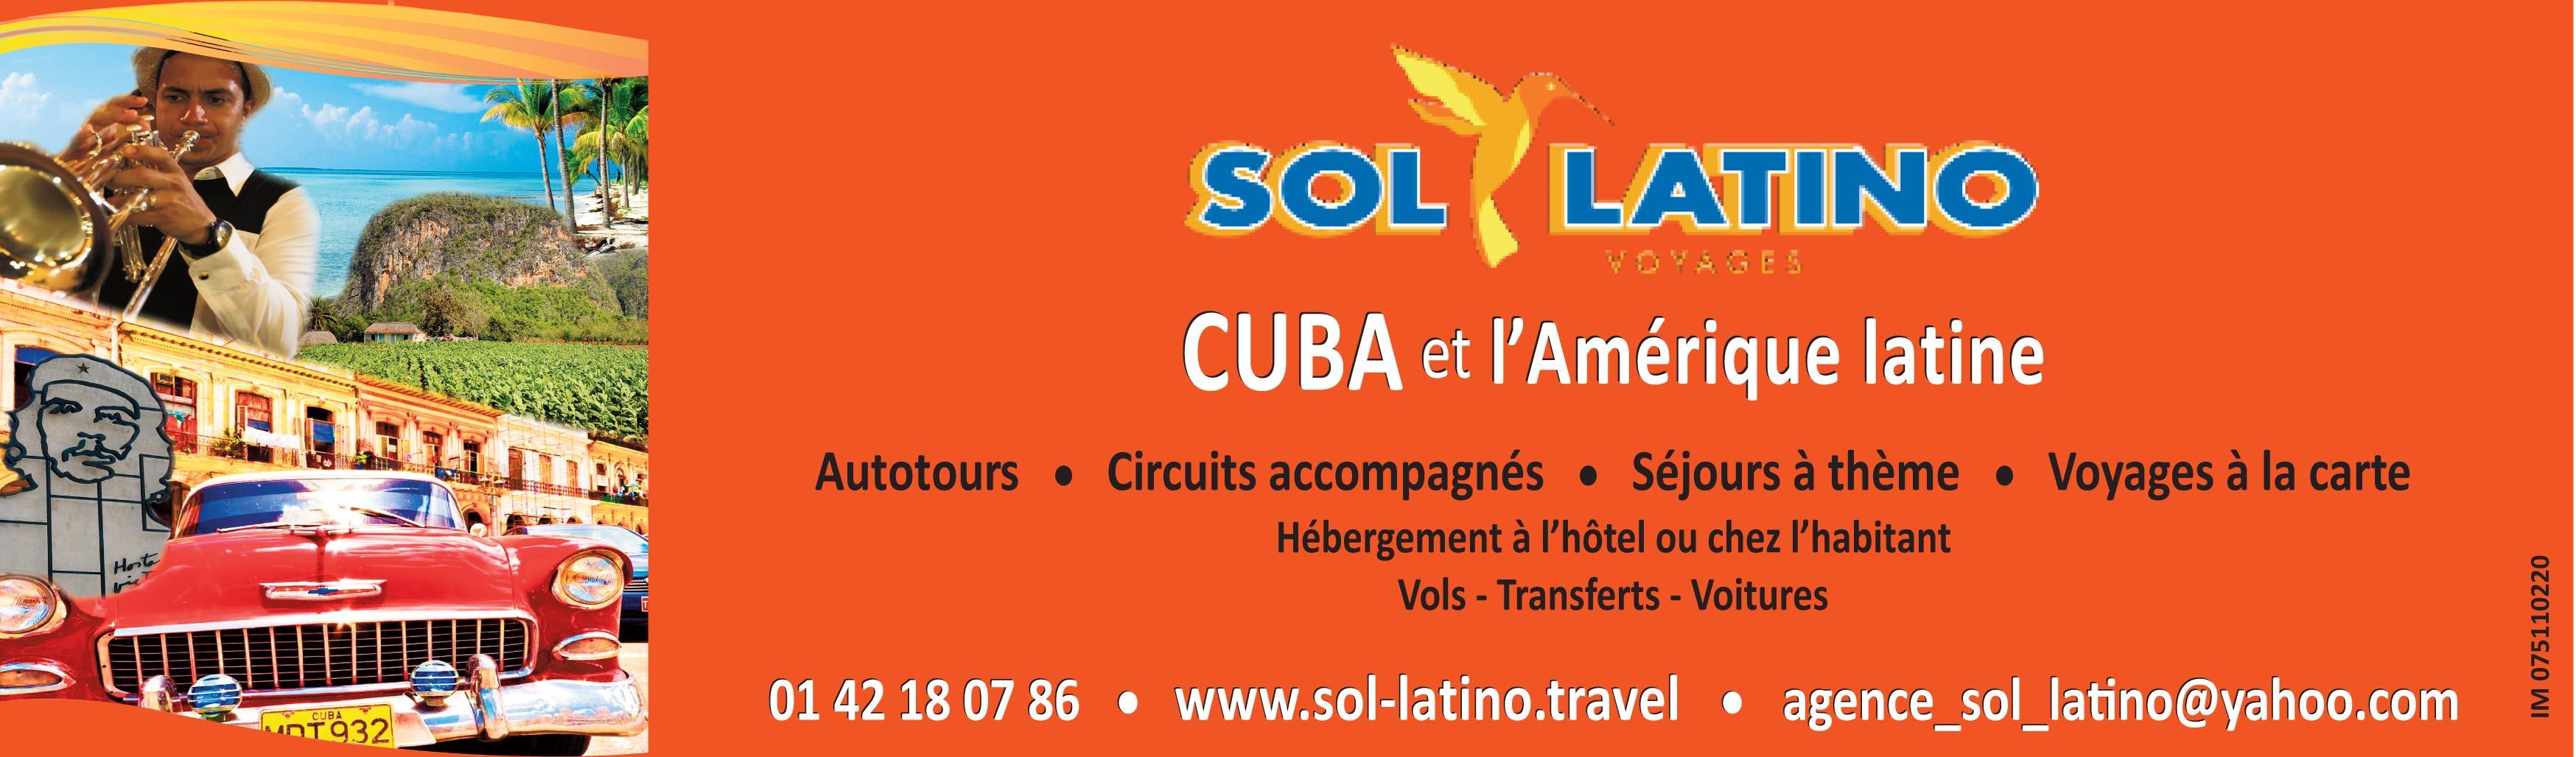 sol-latino-copie